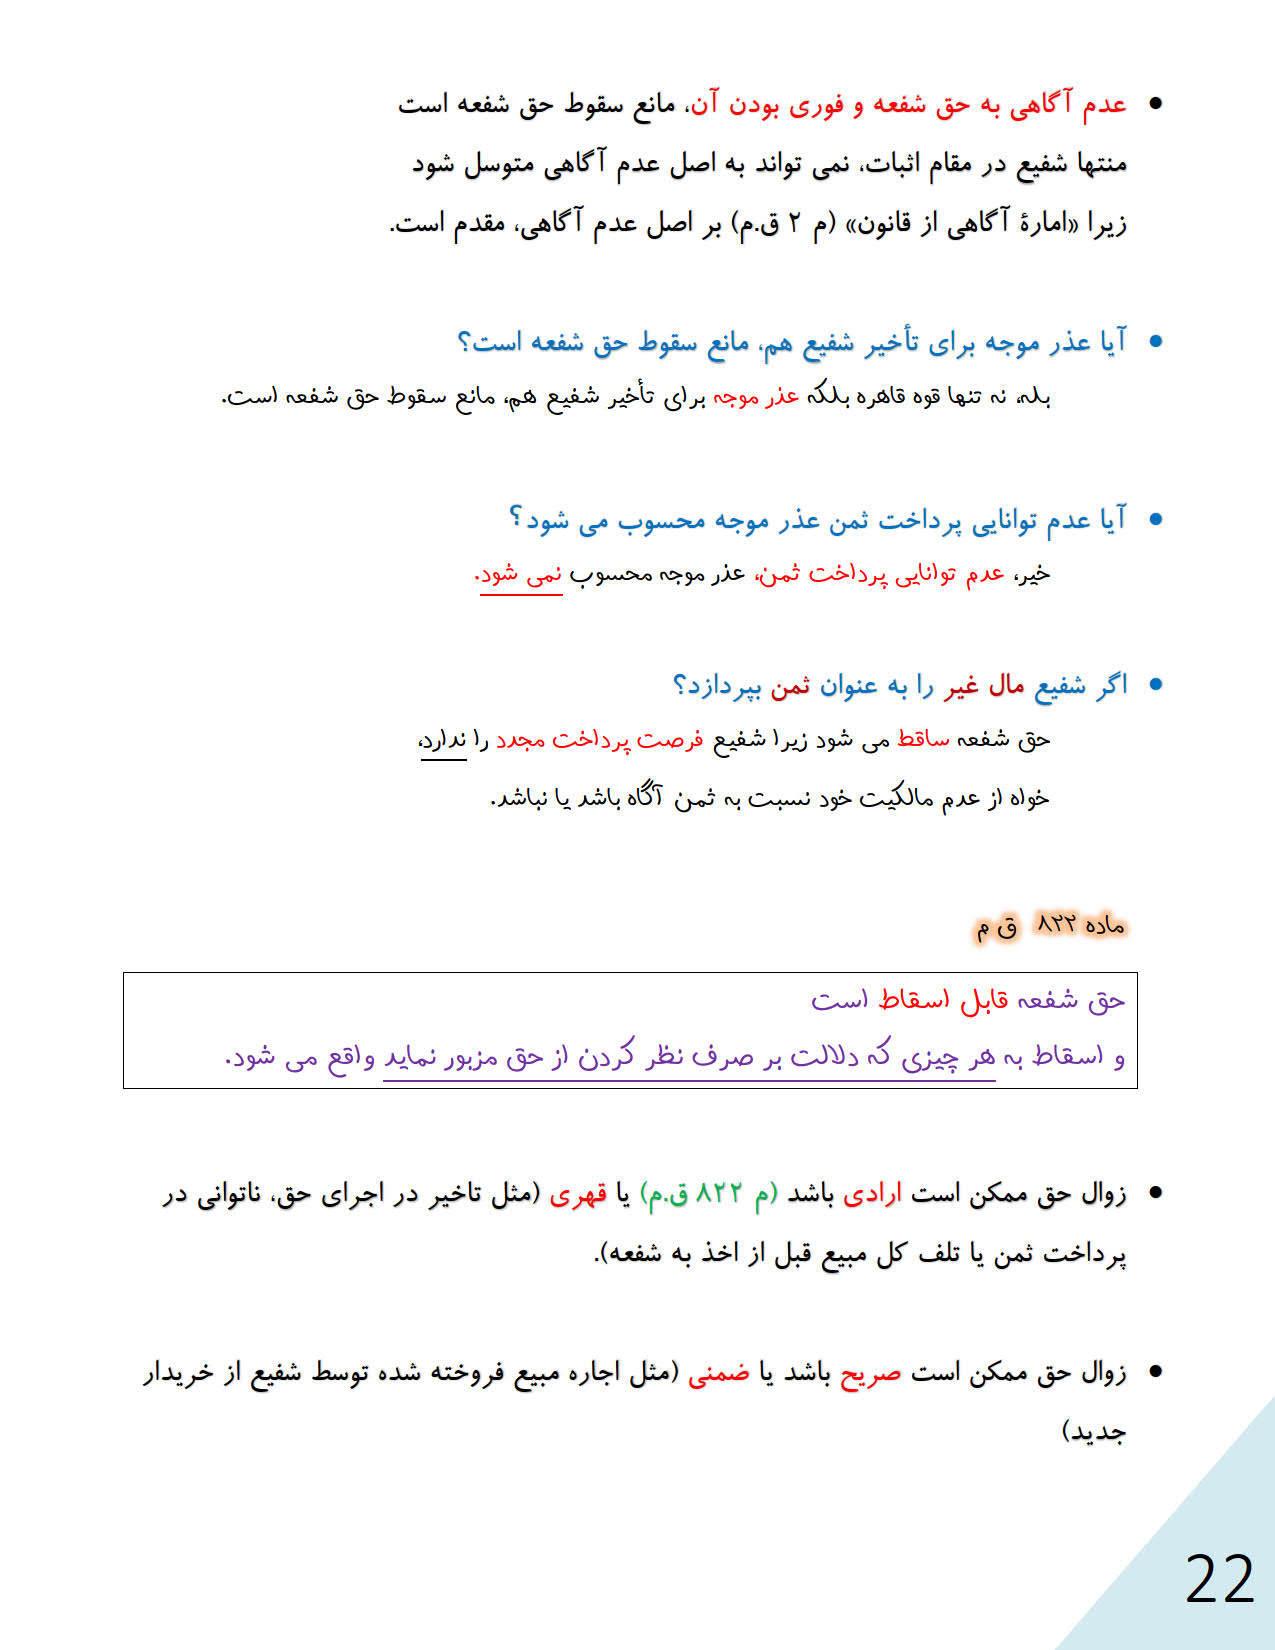 جزوه کامل اخذ به شفعه (جزوه پریزاد)